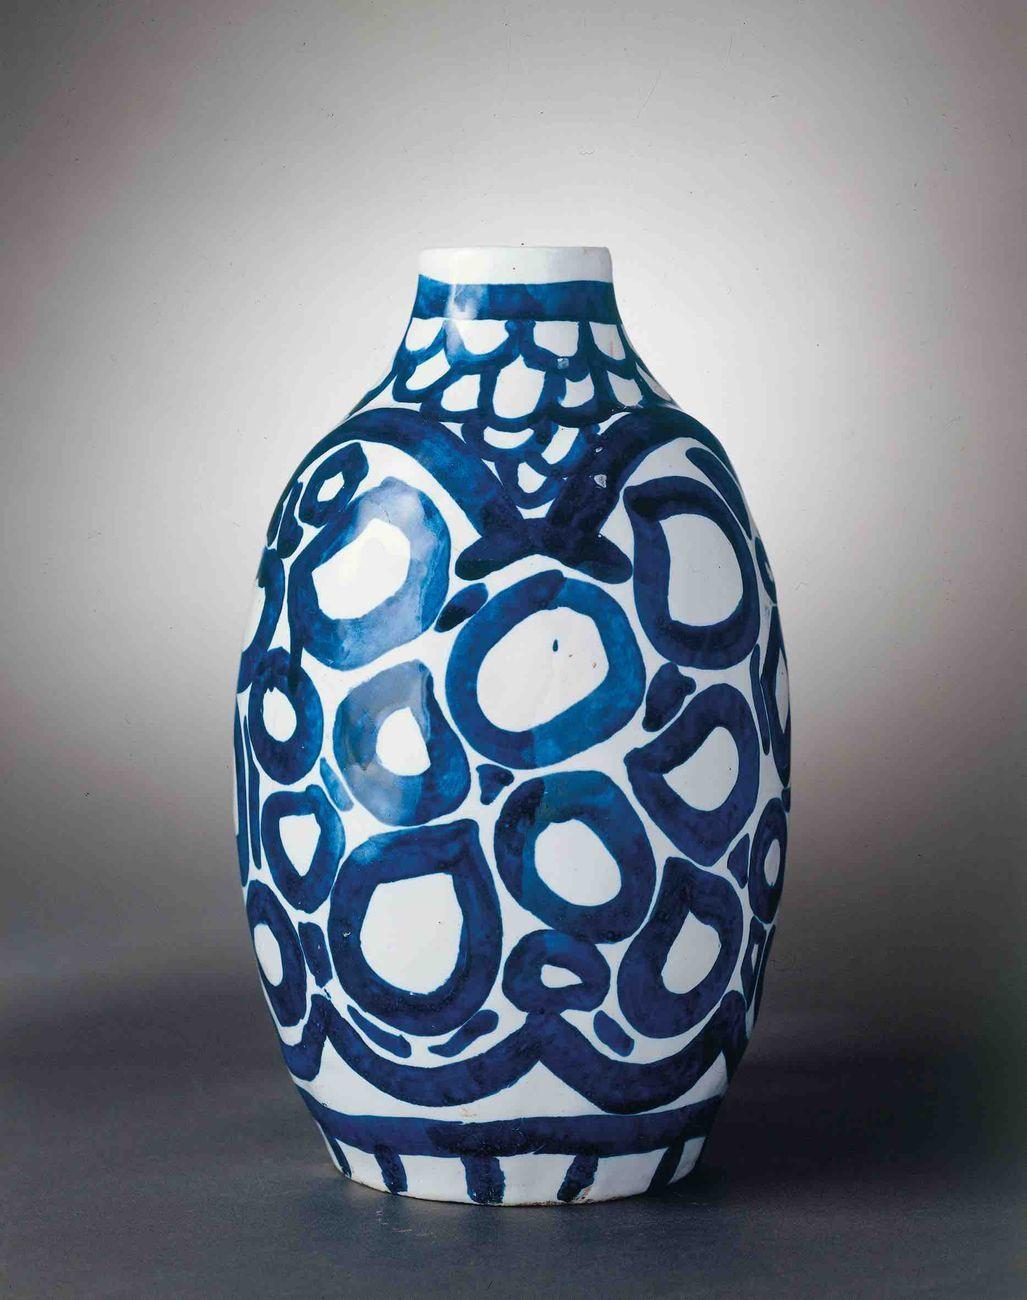 André Derain, Senza titolo, 1906 07, ceramica, h. 25.5 cm. Collezione privata © 2020, ProLitteris, Zurich